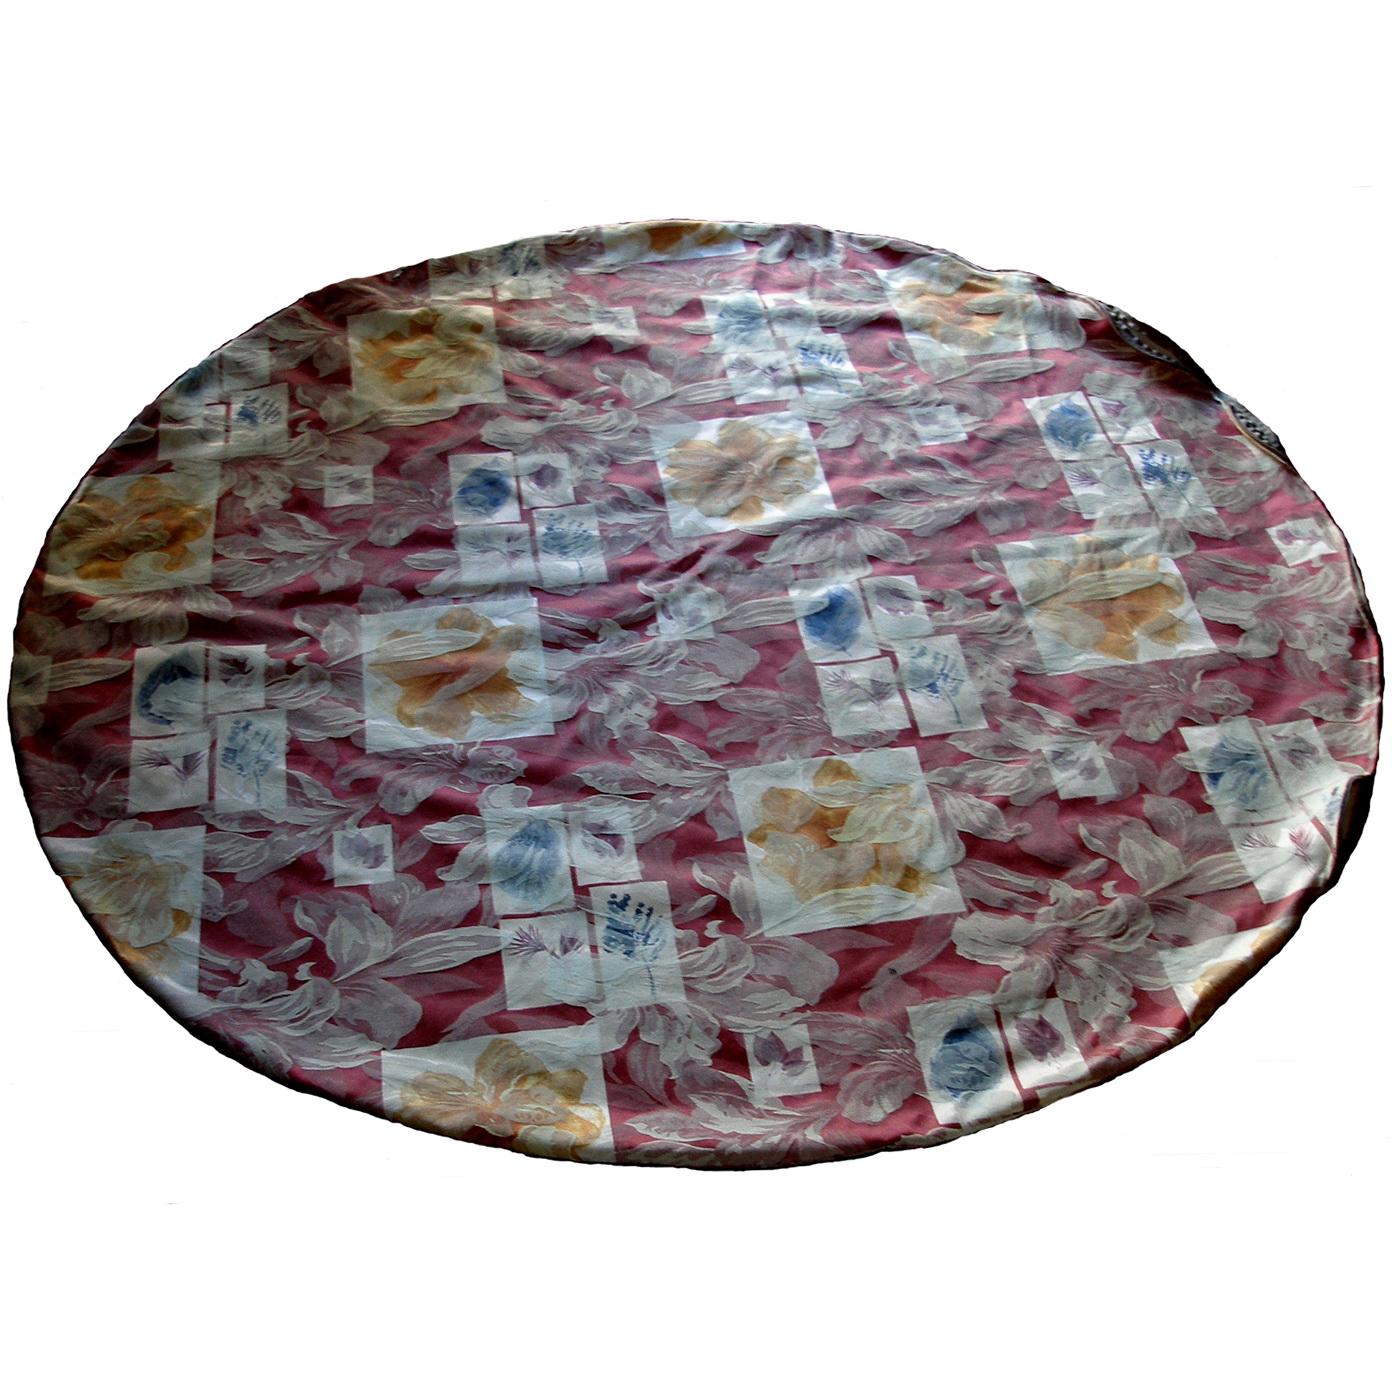 Papasan Chair Cushion Cover Uk